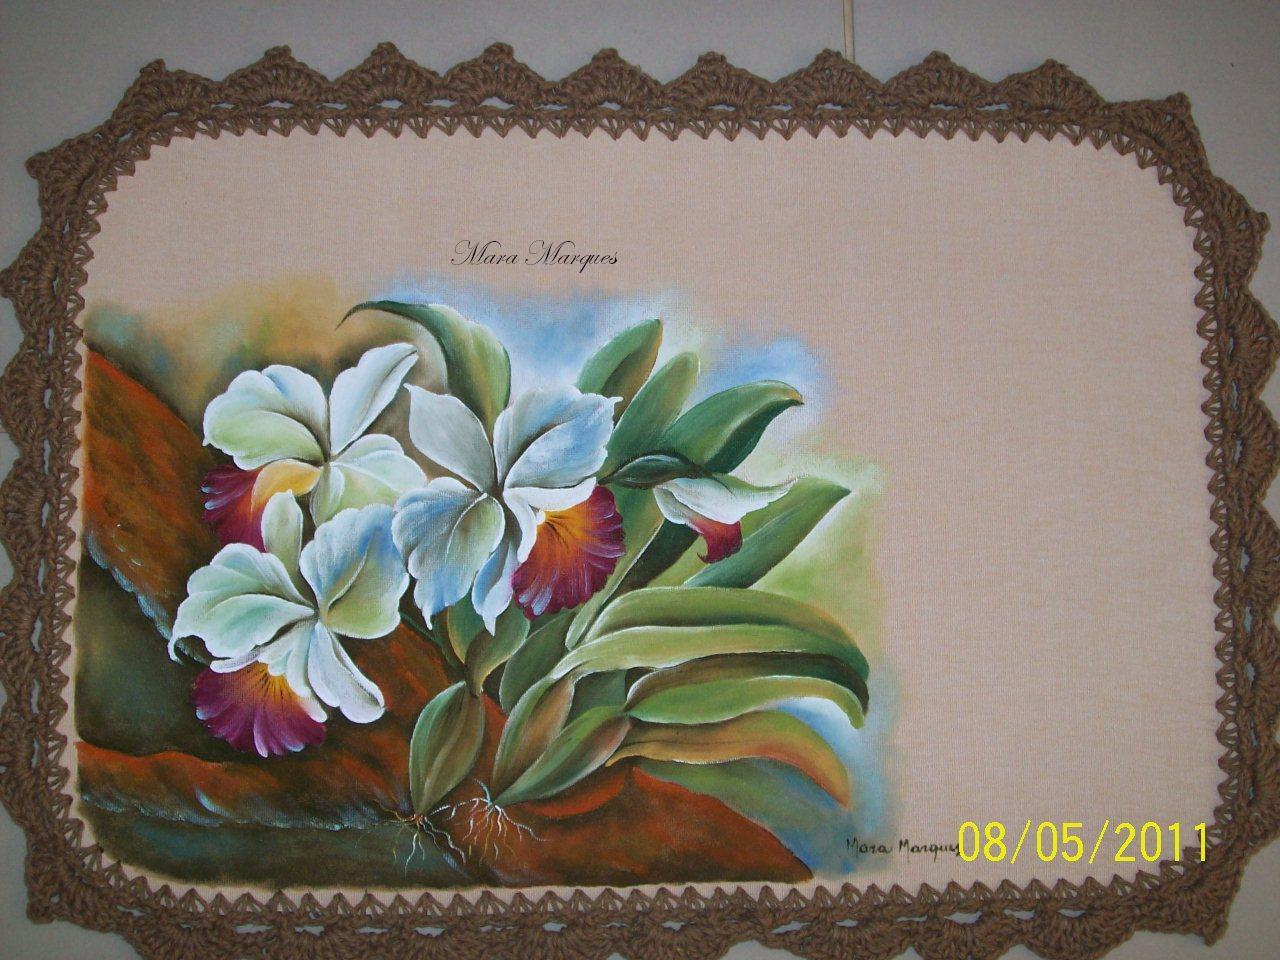 Mara Marques Pintura e Croche: Jogo de banheiro emborrachado #63412E 1280 960